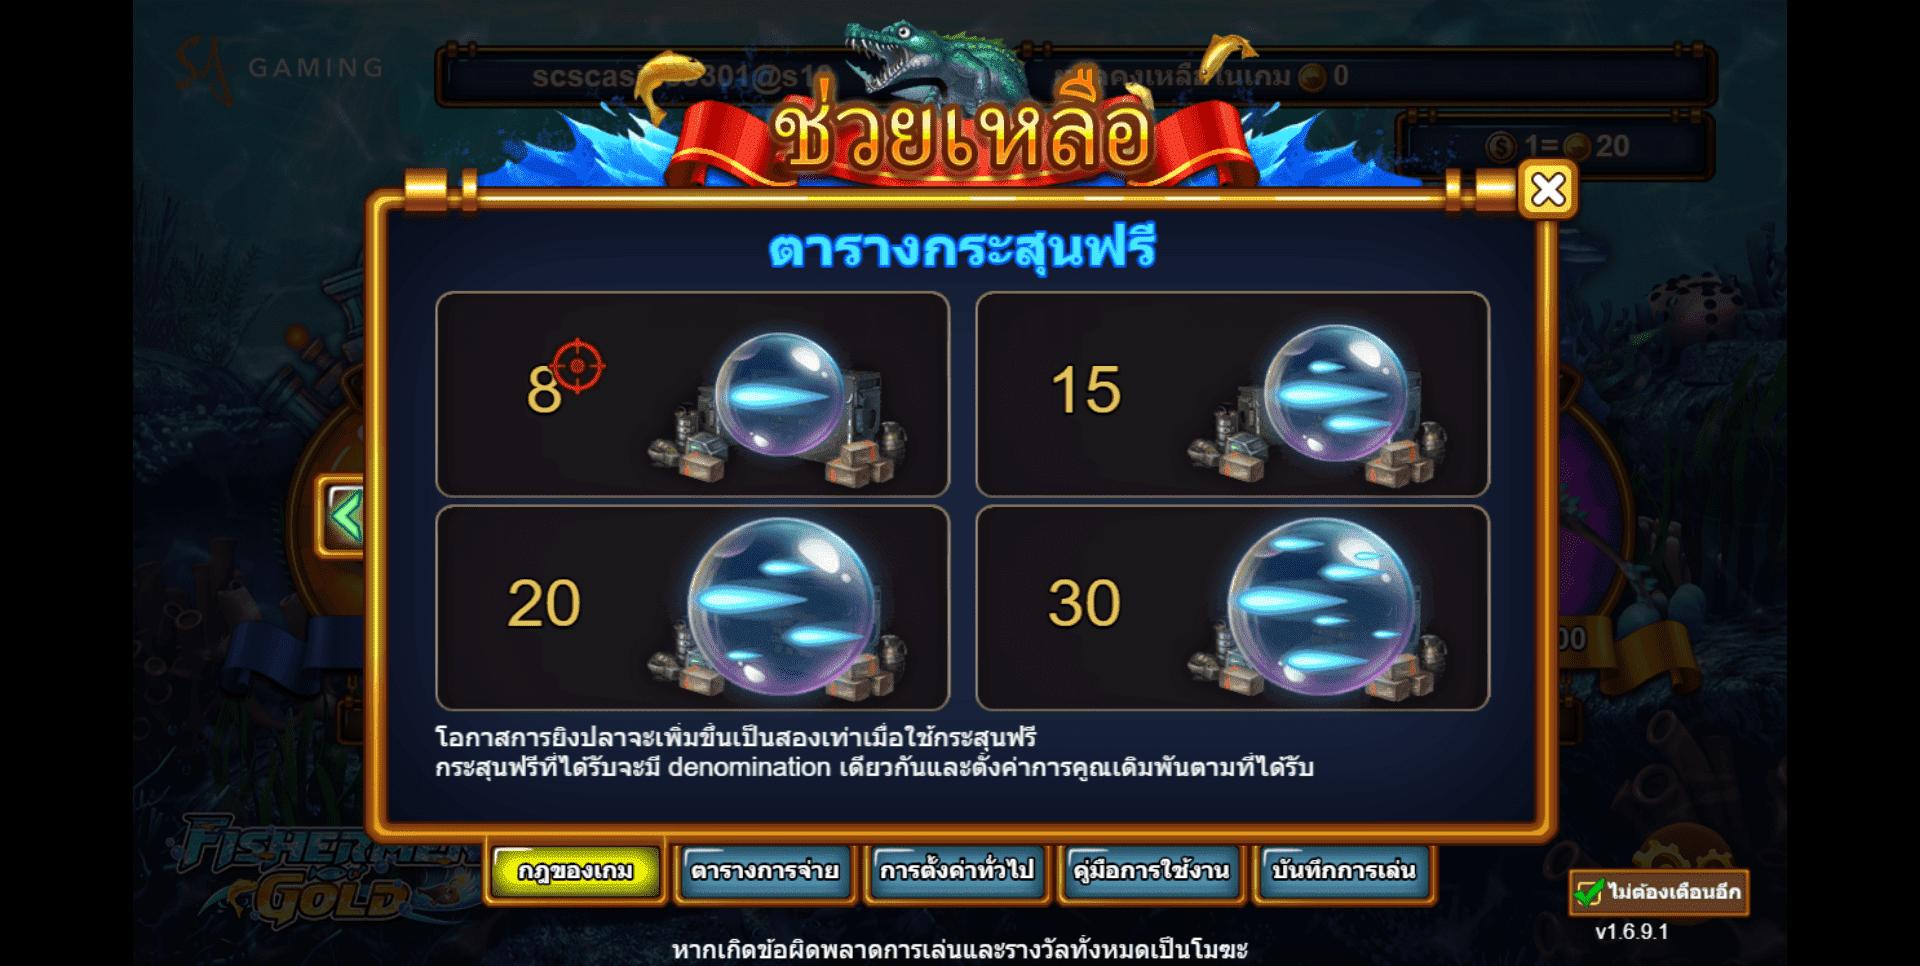 2.2-หน้าตารางกระสุนฟรี-1 sa gameth เกมยิงปลา